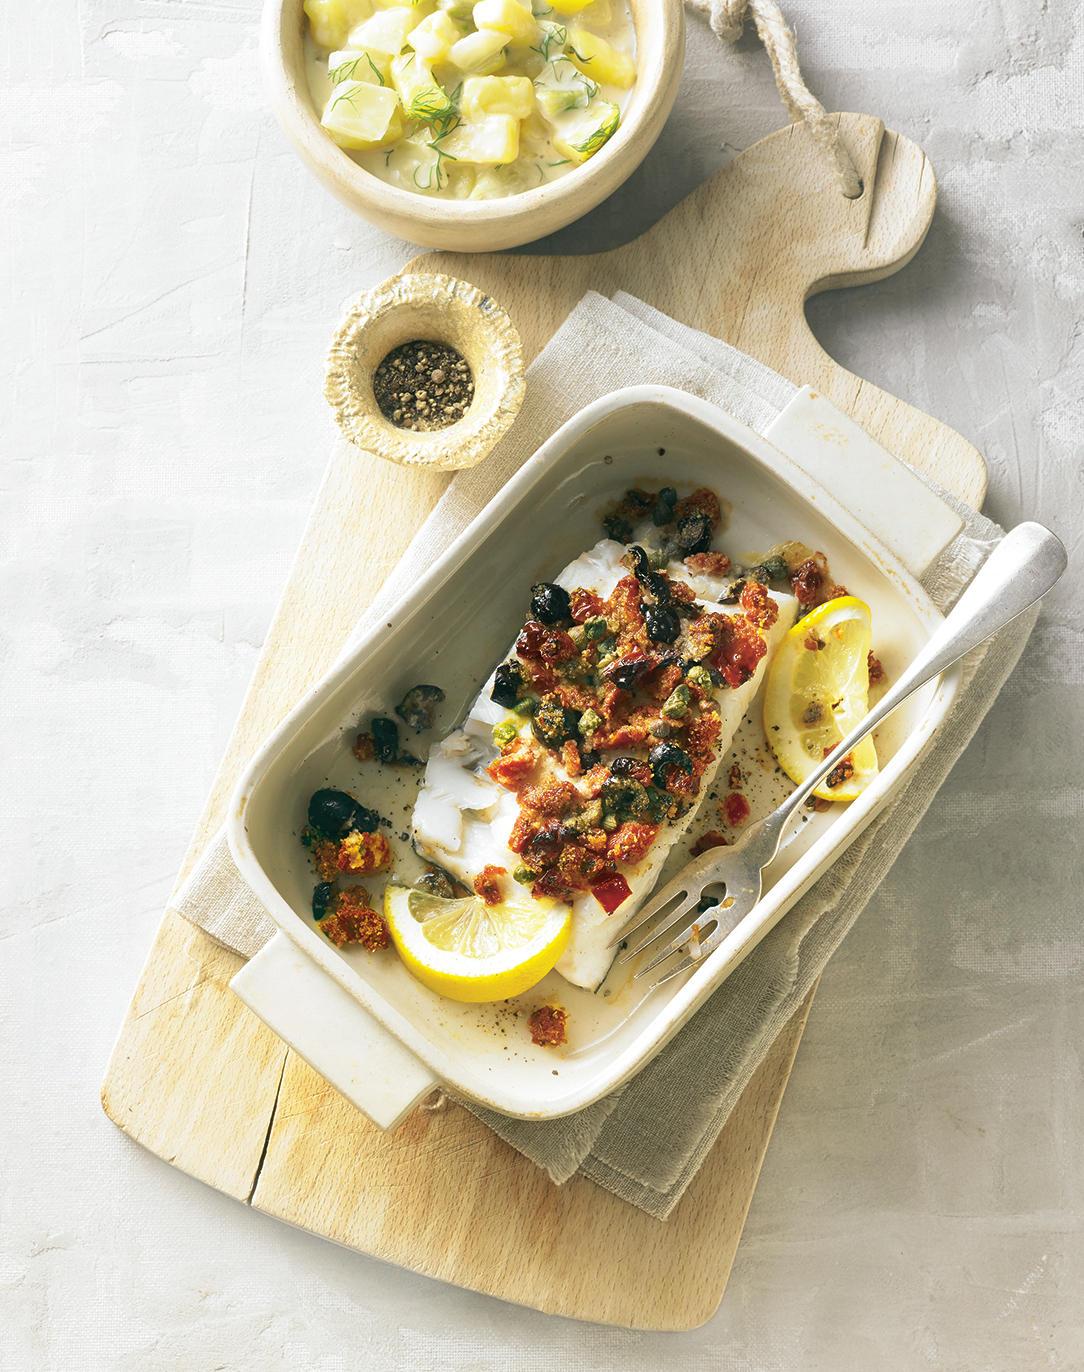 Gratinierter Schellfisch mit Kartoffel-Fenchel-Gemüse